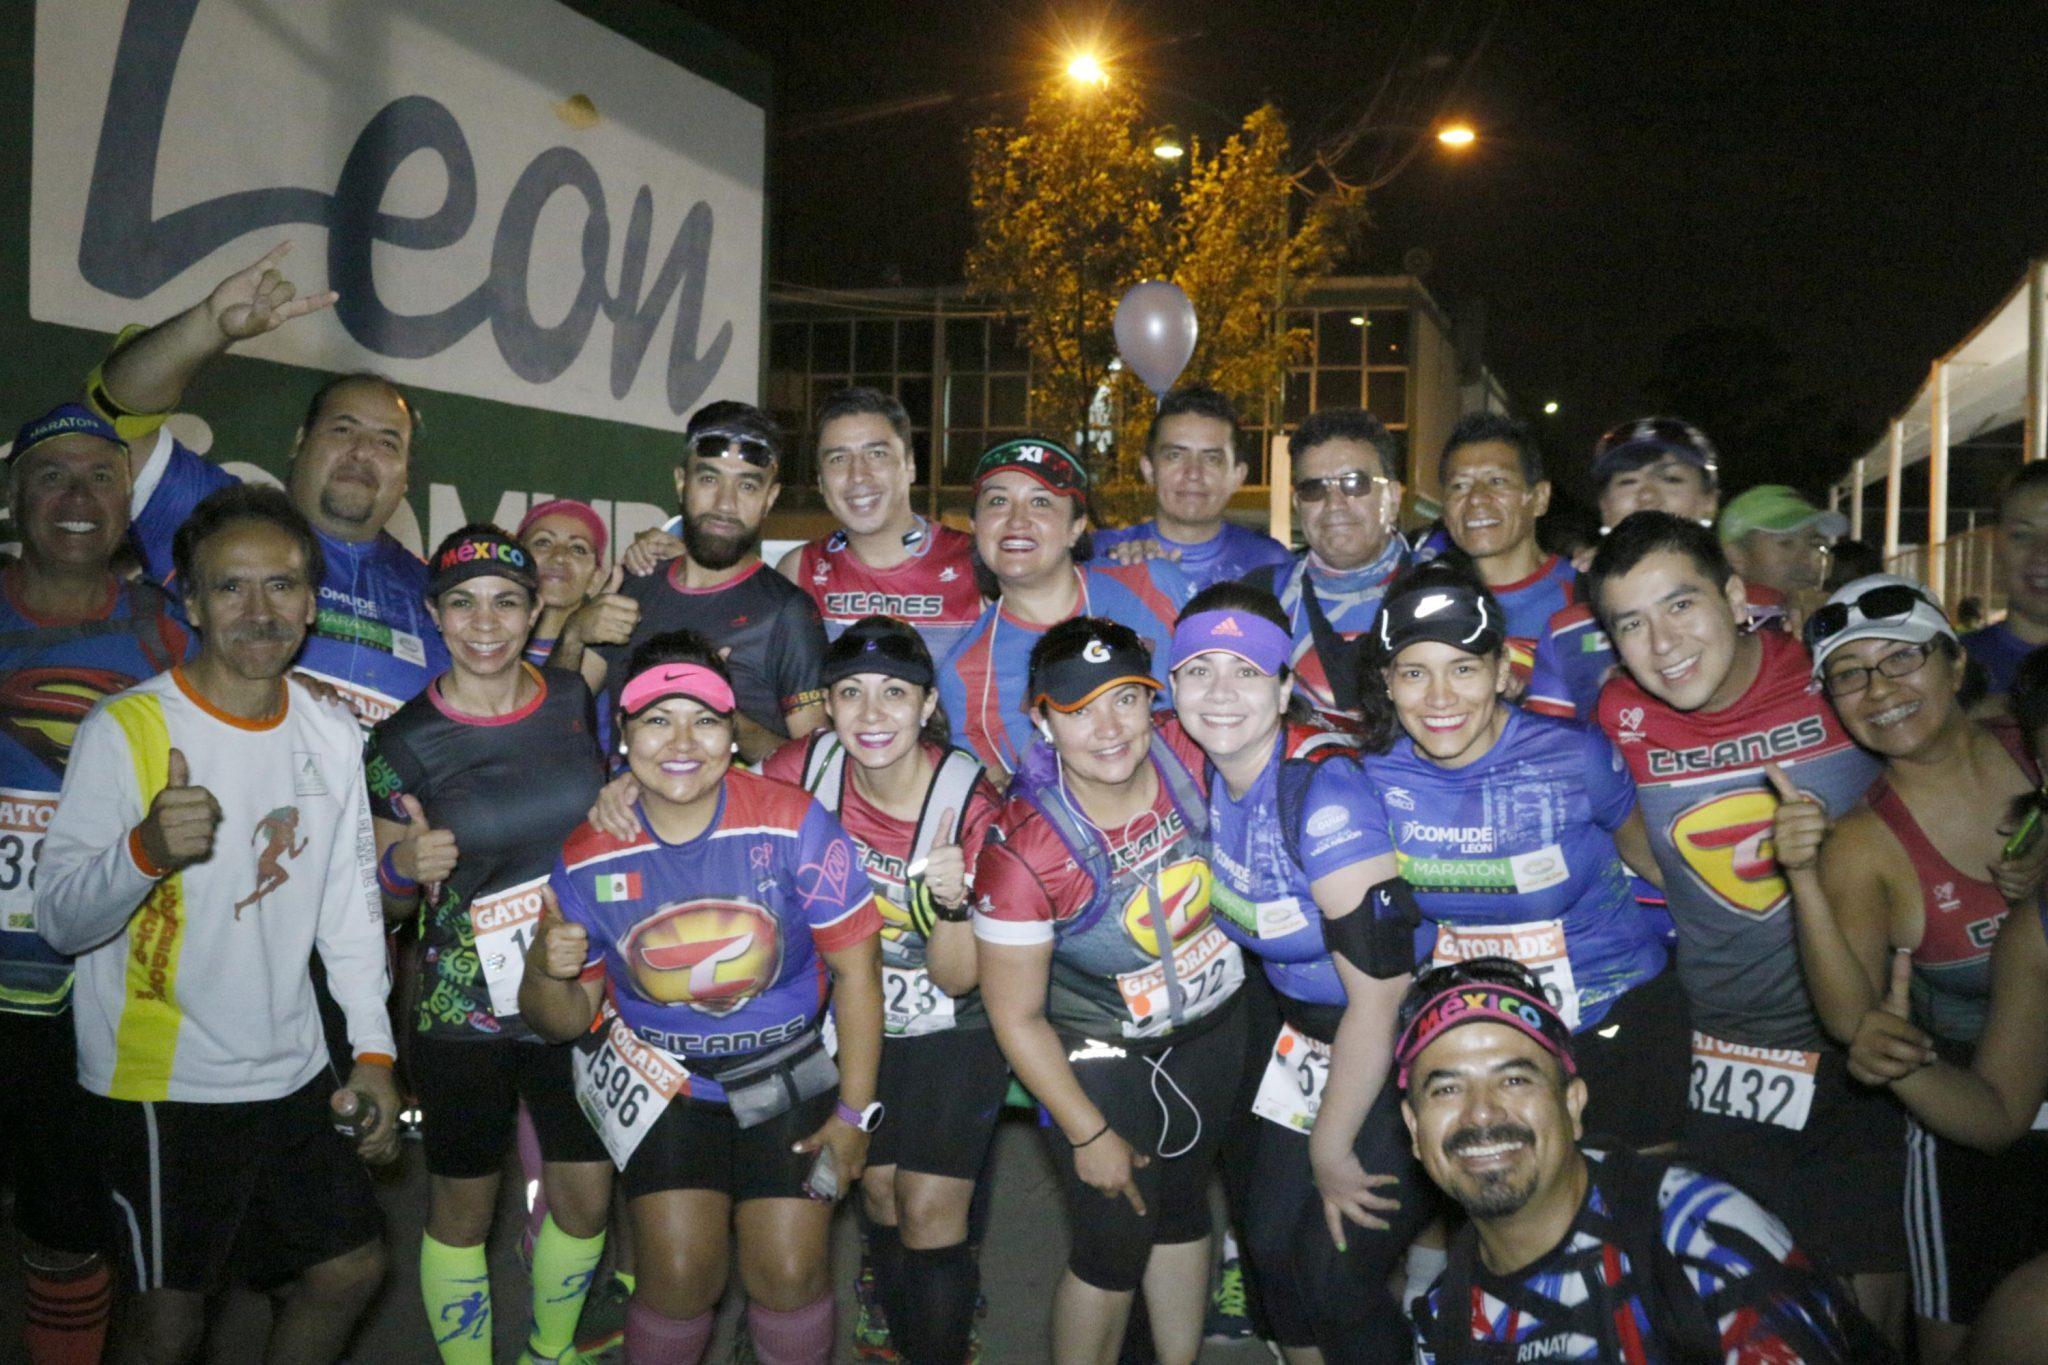 Todo un éxito el Maratón León Guiar 2016